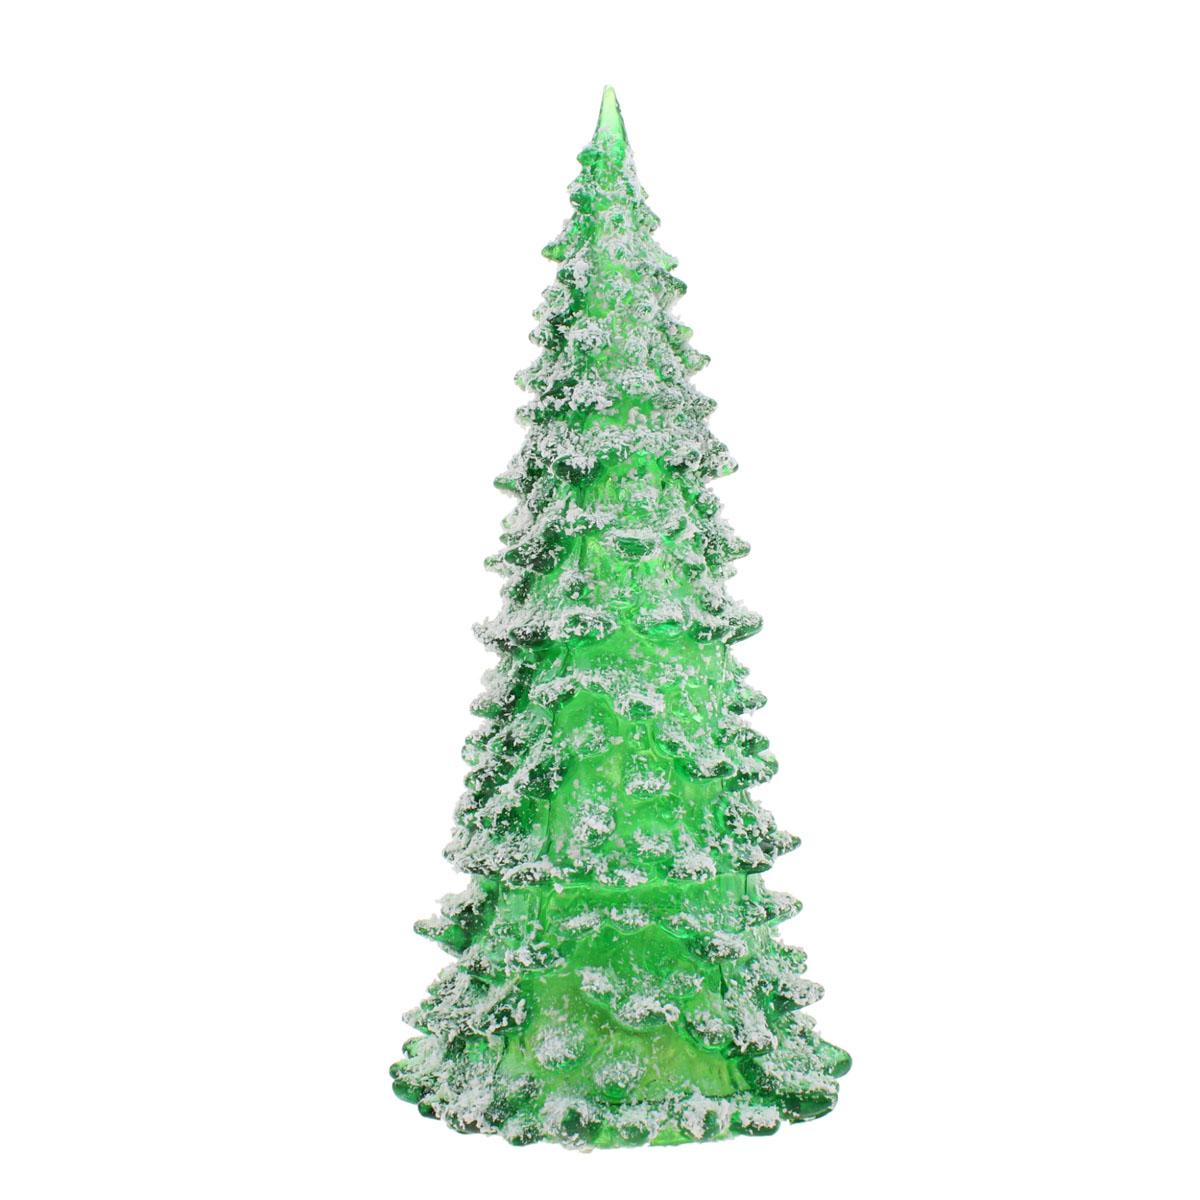 Новогоднее украшение Sima-land Снежная елочка, с подсветкой, высота 22 см свеча ароматизированная sima land лимон на подставке высота 6 см